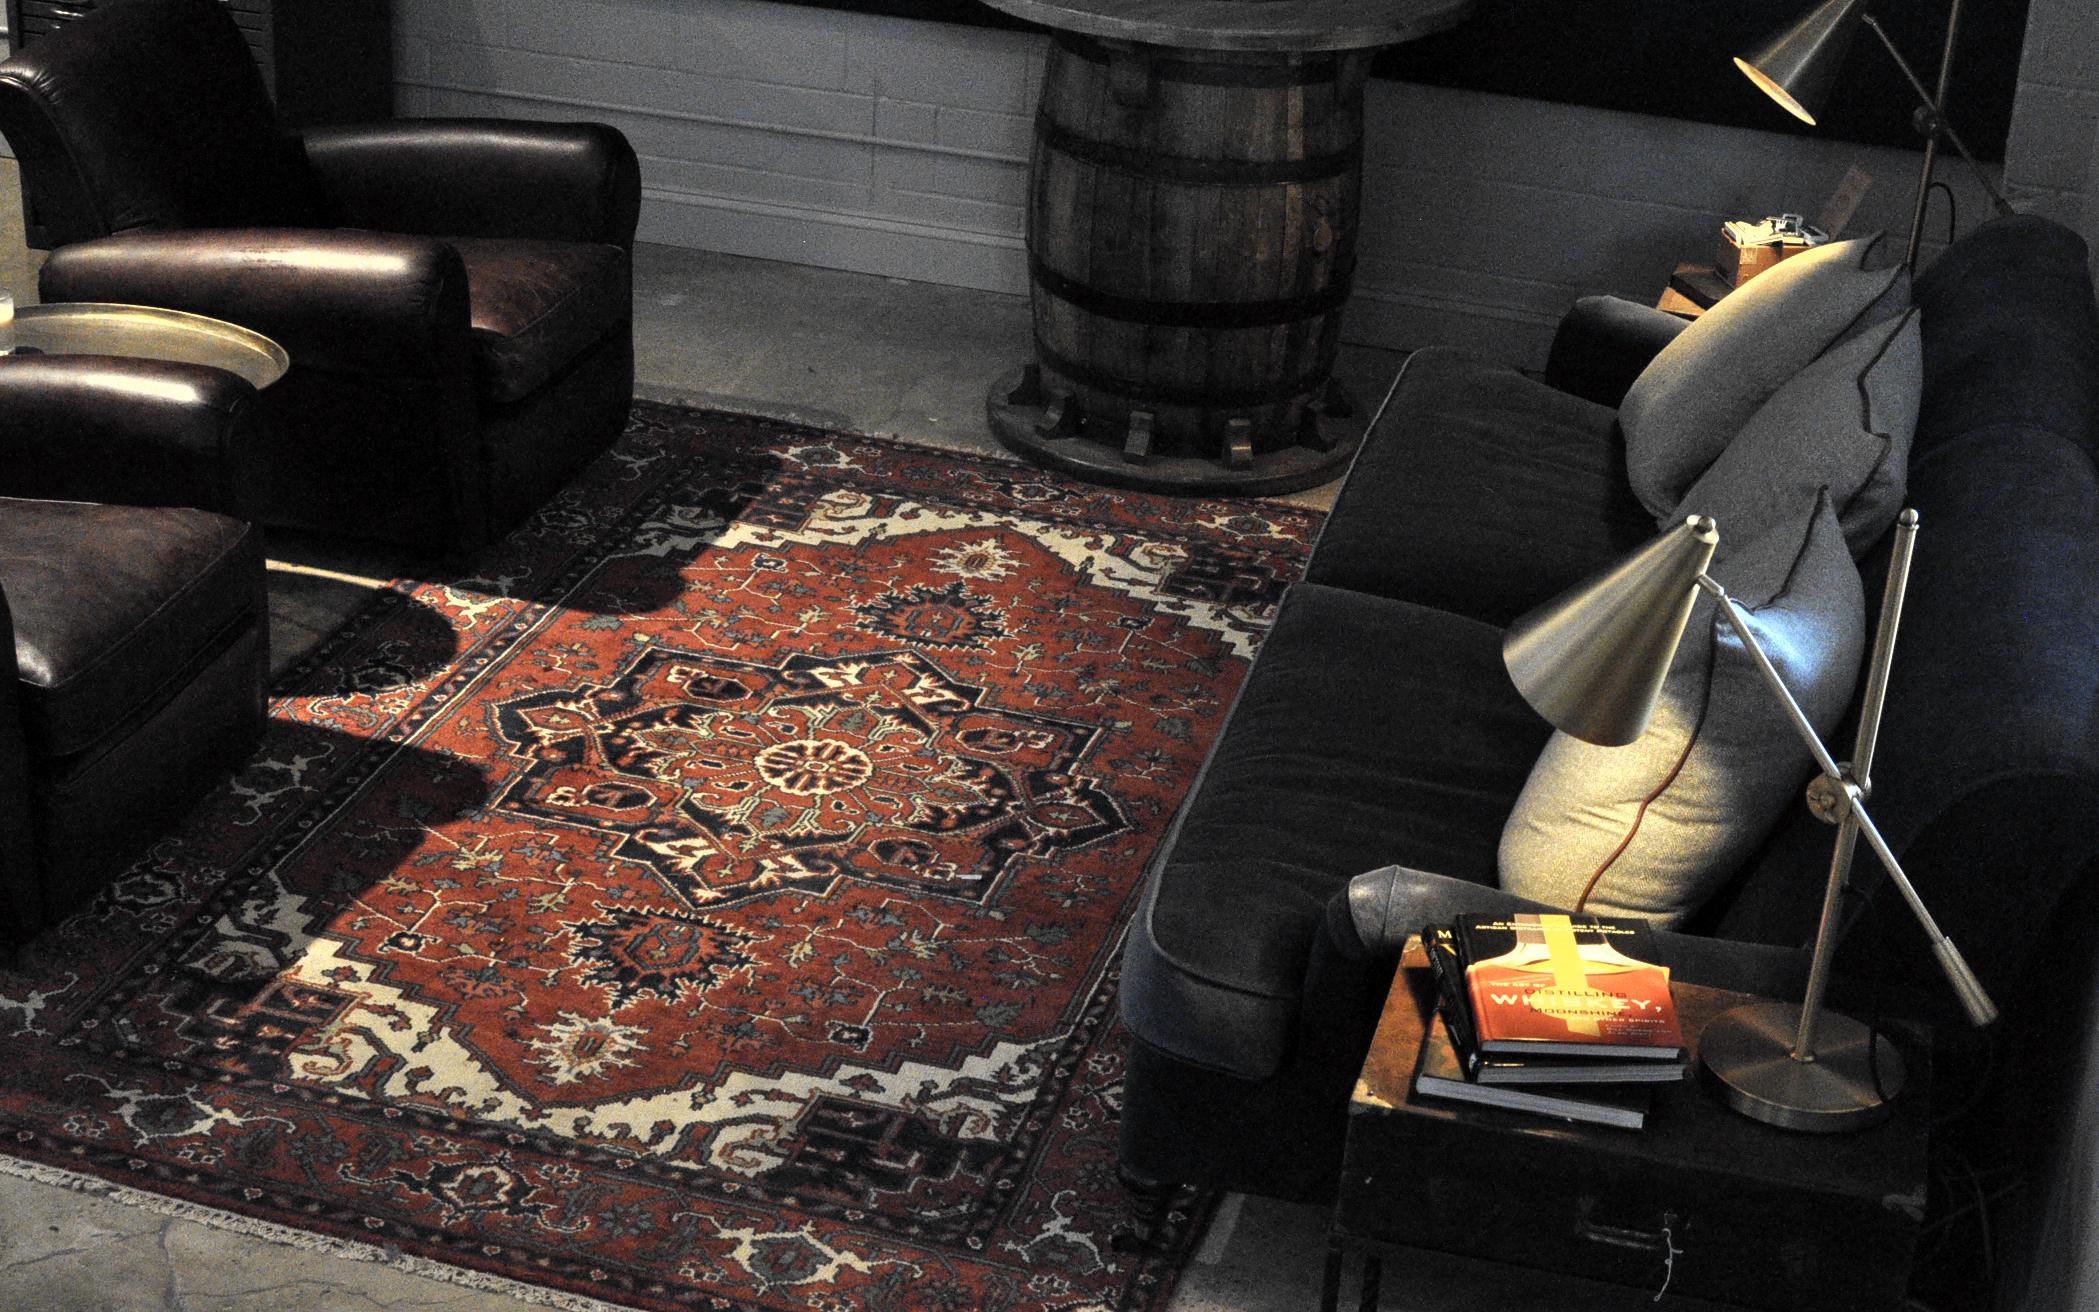 Tasting Room Lounge Area